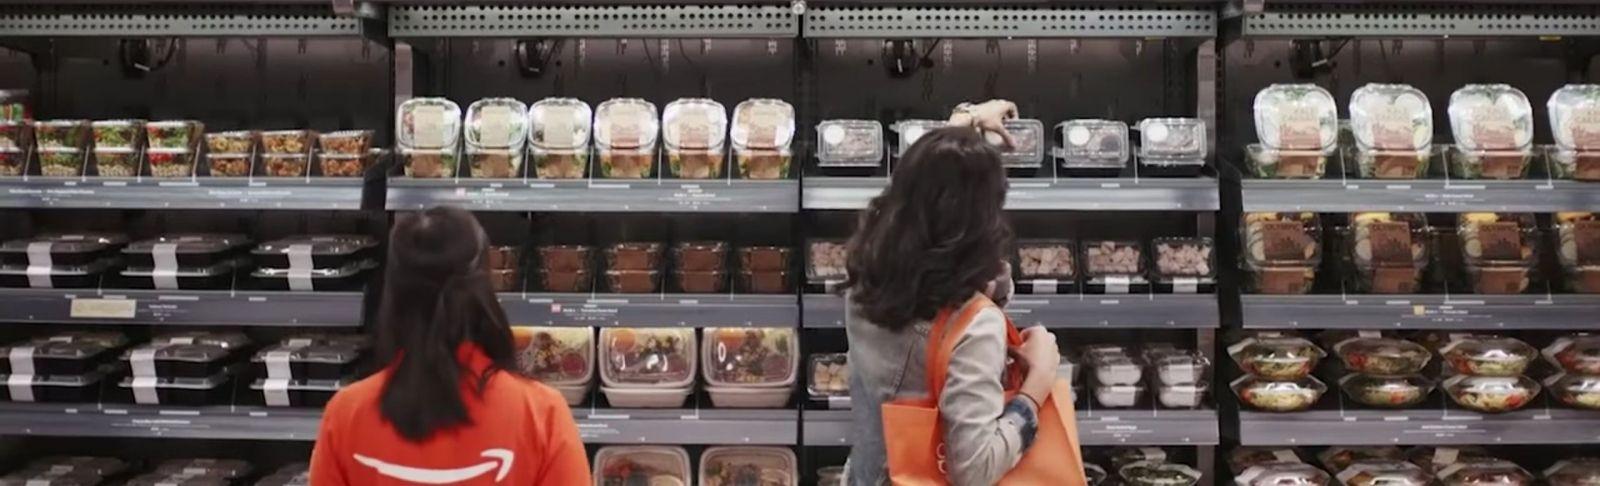 El supermercat, anomenat Amazon Go, no funciona com la típica botiga